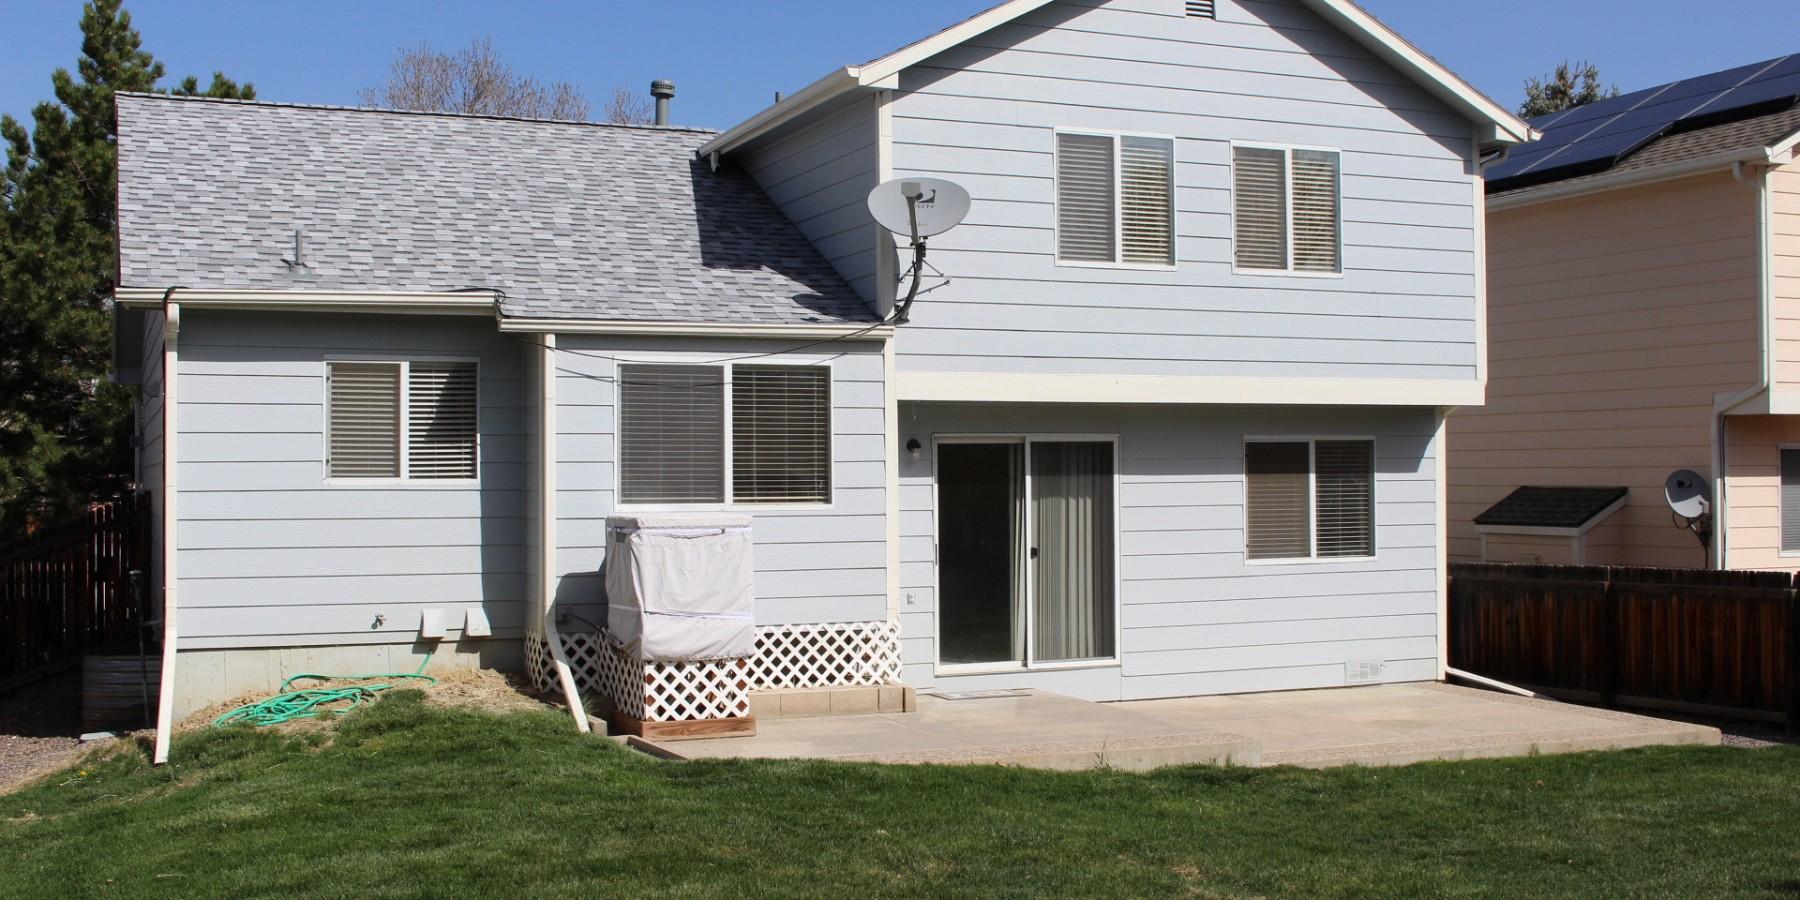 12660 West Crestline Drive, Littleton, CO 80127